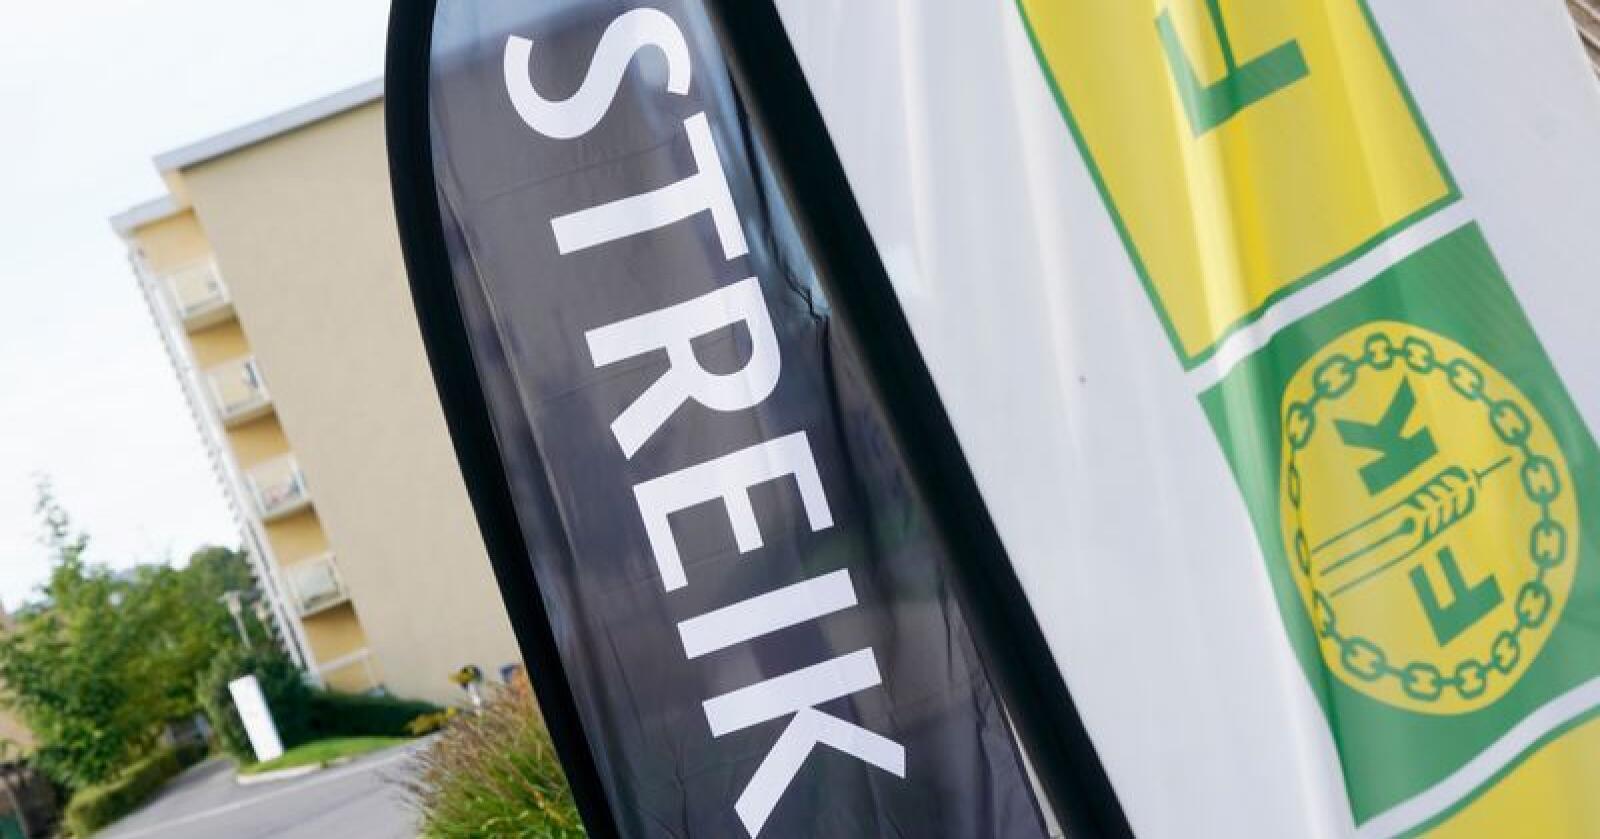 Streikende streiken startet tirsdag morgen, etter at forhandlingene ble brutt natt til tirsdag. Foto: Berit Roald / NTB scanpix